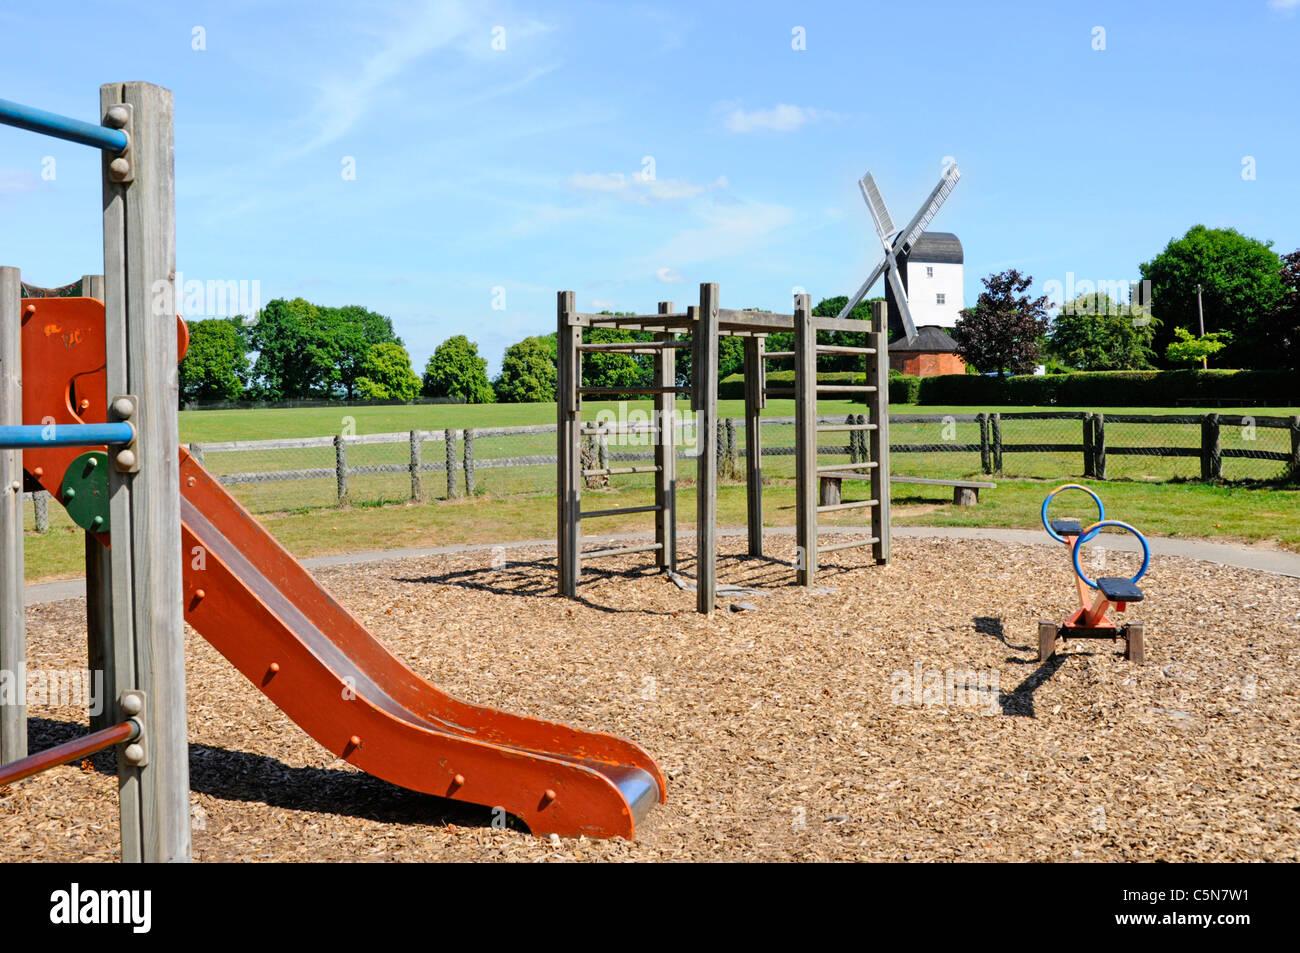 Klettergerüst Spielplatz : Spielplatz rutsche und klettergerüst in eingezäunt